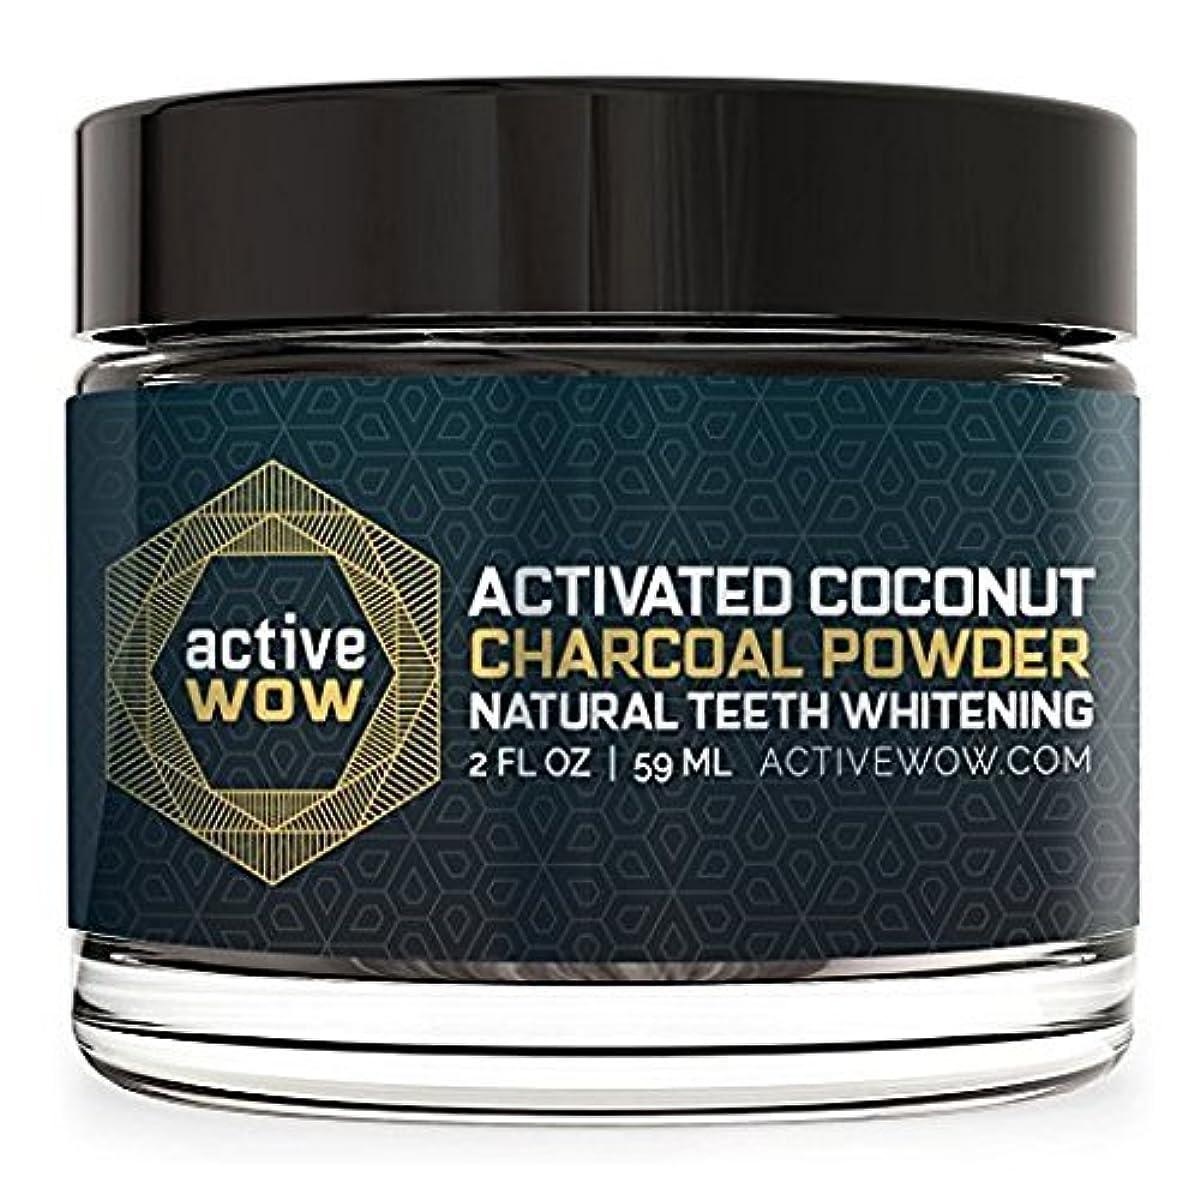 味わう装置凍ったアメリカで売れている 炭パウダー歯のホワイトニング Teeth Whitening Charcoal Powder Natural [並行輸入品]